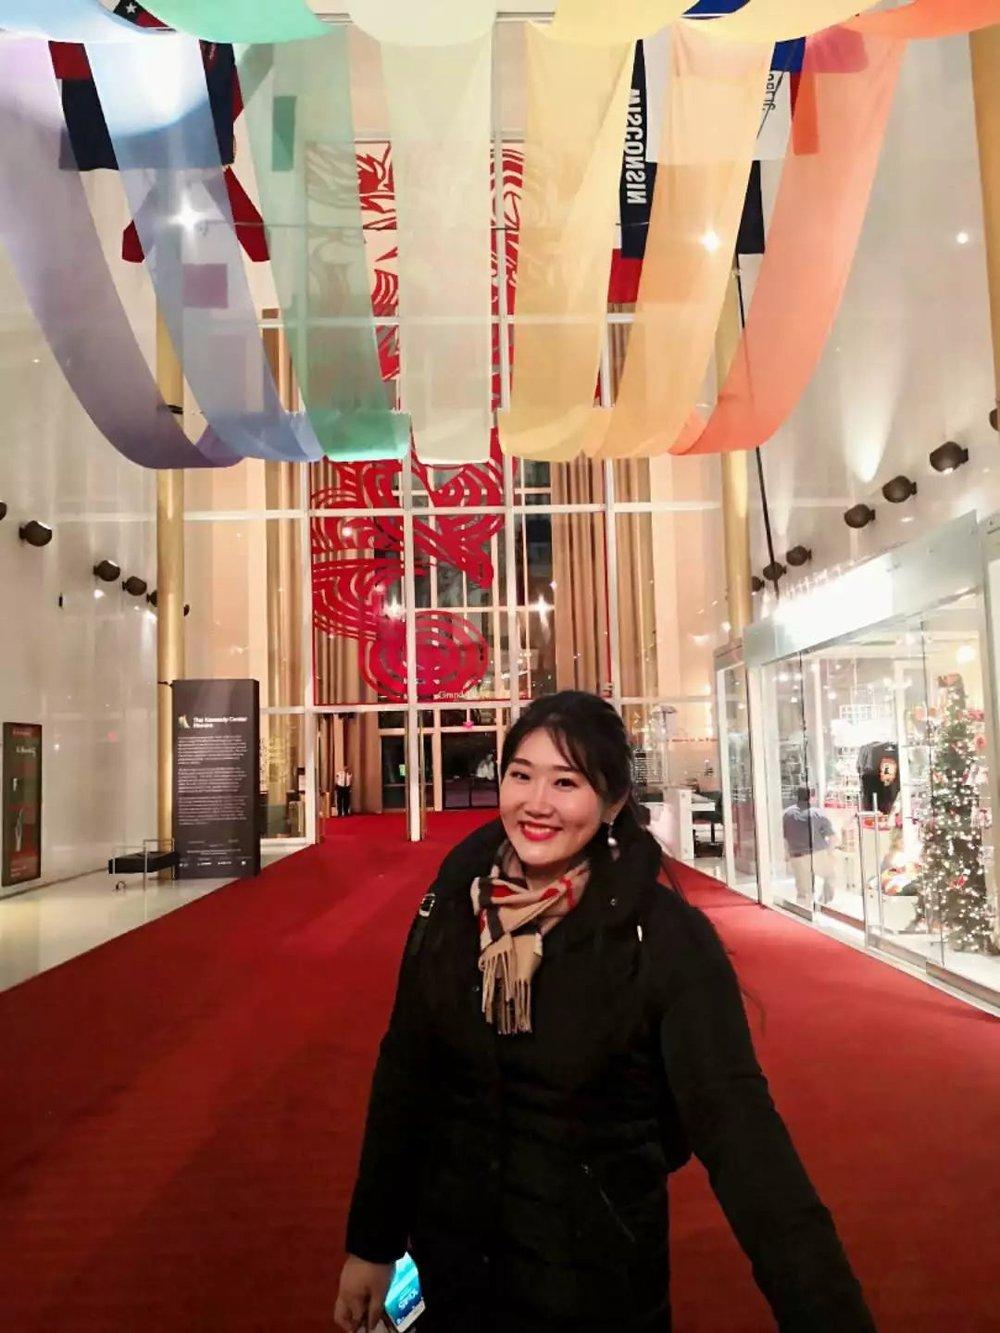 """肯尼迪音乐厅作为2018年度巡演的最后一站,佳鑫为特别的音乐厅选定了特别的演出曲目 ▽   来自莫扎特的《小星星变奏曲》,我们看到了佳鑫的纯真与音乐的美好;  来自贝多芬的《月光》和《热情》,我们看到了佳鑫的态度与作品背后的故事;  来自门德尔松的《无词歌三首》和《升f小调幻想曲》,我们看到的是佳鑫的人生感悟与历程  .....  以及必不可少的,下半场中来自中国的饱含着东方元素的作品《夕阳箫鼓》和《浏阳河》。  《夕阳箫鼓》作为佳鑫的代表作品之一,也是佳鑫一直在做的将中国作品带向国际舞台的重要作品。在这首作品里,我们可以听到佳鑫用钢琴同时弹奏出了古筝、箫、鼓与琵琶等中国民族乐器的声音,非常震撼;与此同时,佳鑫又选择了一些与作品相得益彰的东方元素呈现在肯尼迪艺术中心的音乐会舞台之上,那就是佳鑫为这首作品特别准备的服装 ▽  一袭古典的蓝色长裙,由中国第一代服装设计师,也是中国最早的高级定制服装设计师 ▶ 郭培 ◀ 设计。坚守着对于完美的极致追求,她设计与制作了这一袭礼服,她说:""""钢琴可以弹奏现代的音乐,但钢琴是一件具有古典气质的乐器,骨子里渗透着高贵、优雅。用饱含古典气质的钢琴演奏中国作品,而与之相称的演奏者的服装也应该是呼应着古典气质的中国工艺,并且蓝色在舞台上是一个非常有礼仪、也理性的色彩,配合于你有着韵律的乐曲。"""""""